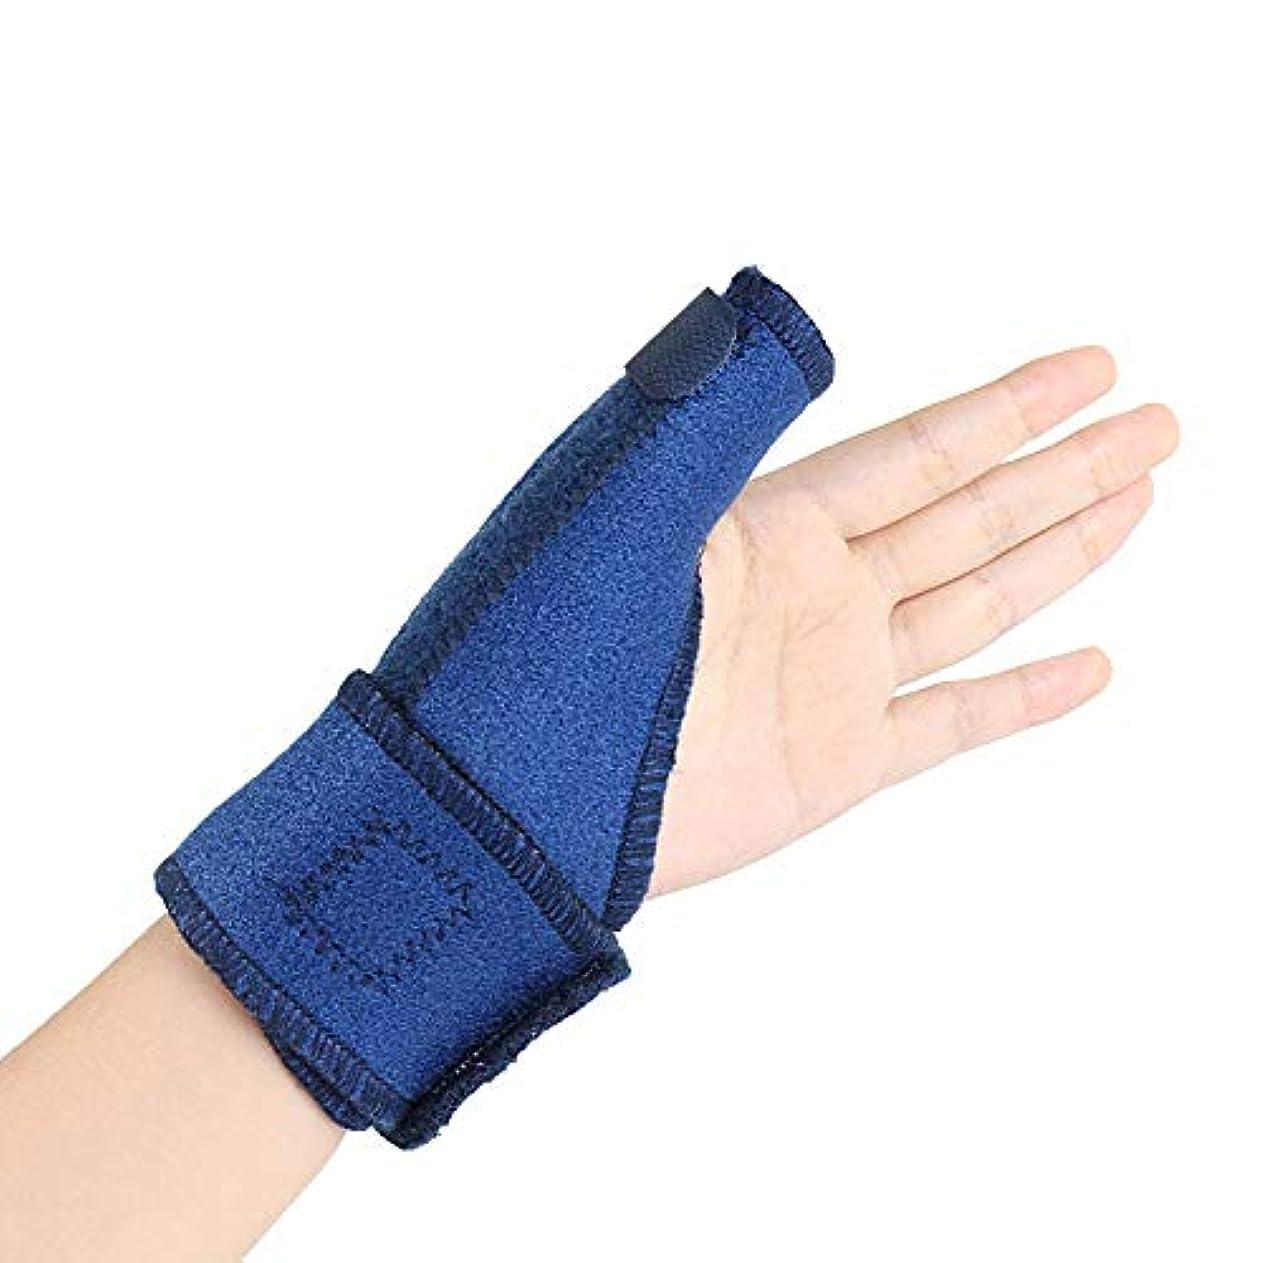 より良い枯渇する教授yuio トリガーフィンガースプリントフィンガーブレースサムブレースサポート-関節炎用親指スピカスプリント、腱炎-シンプルなデザイン(右、青)